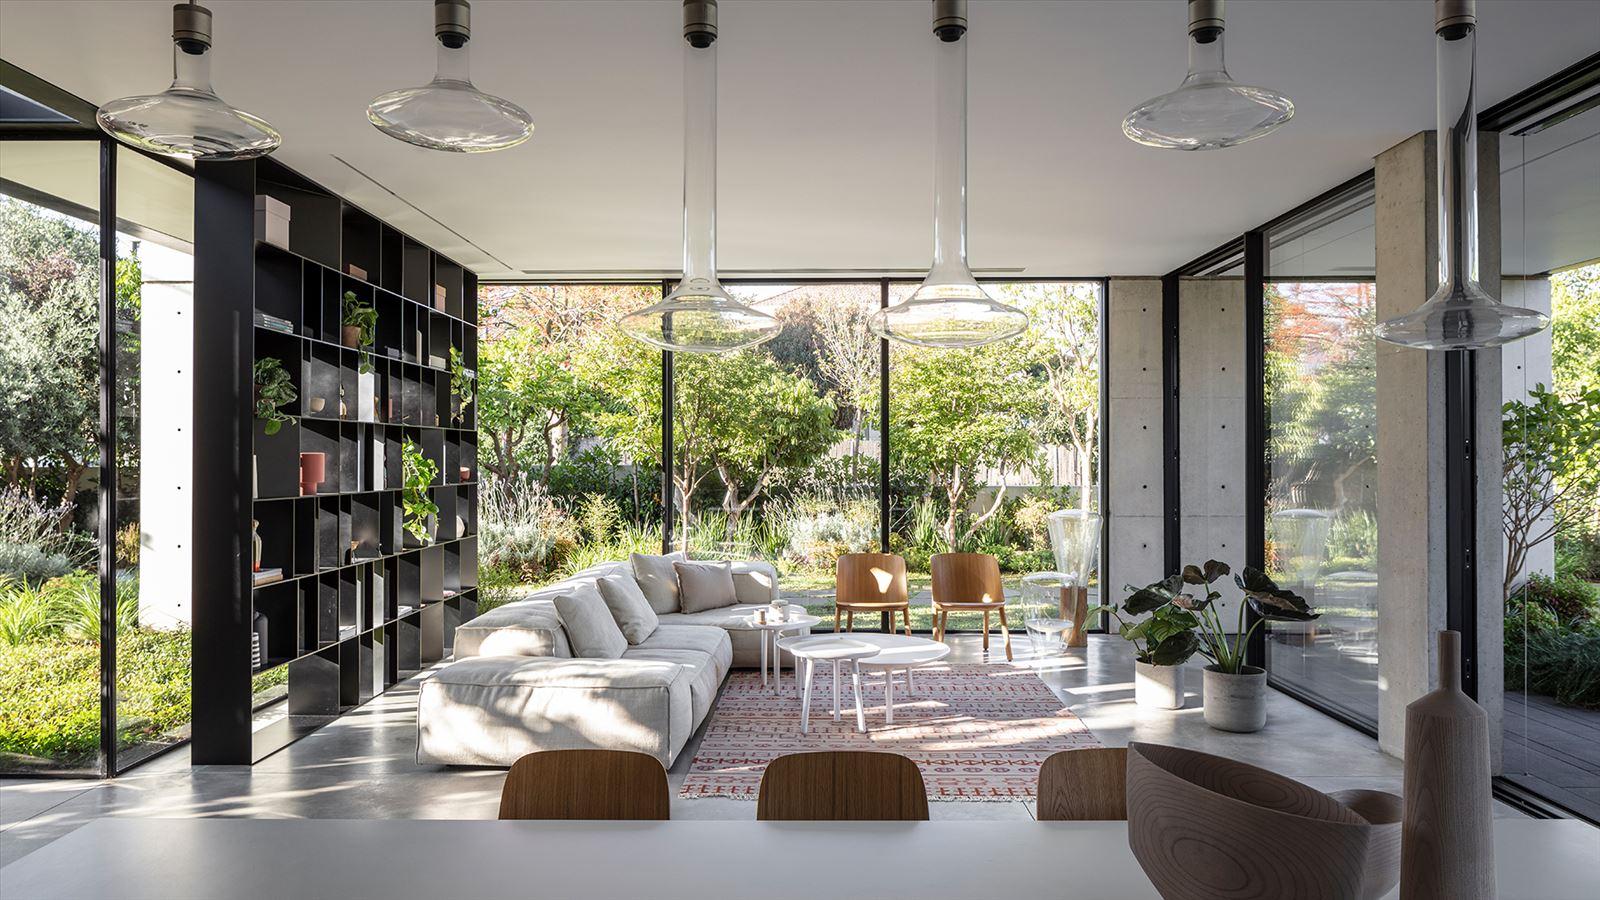 פרויקט תאורה - בית פרטי במרכז הארץ